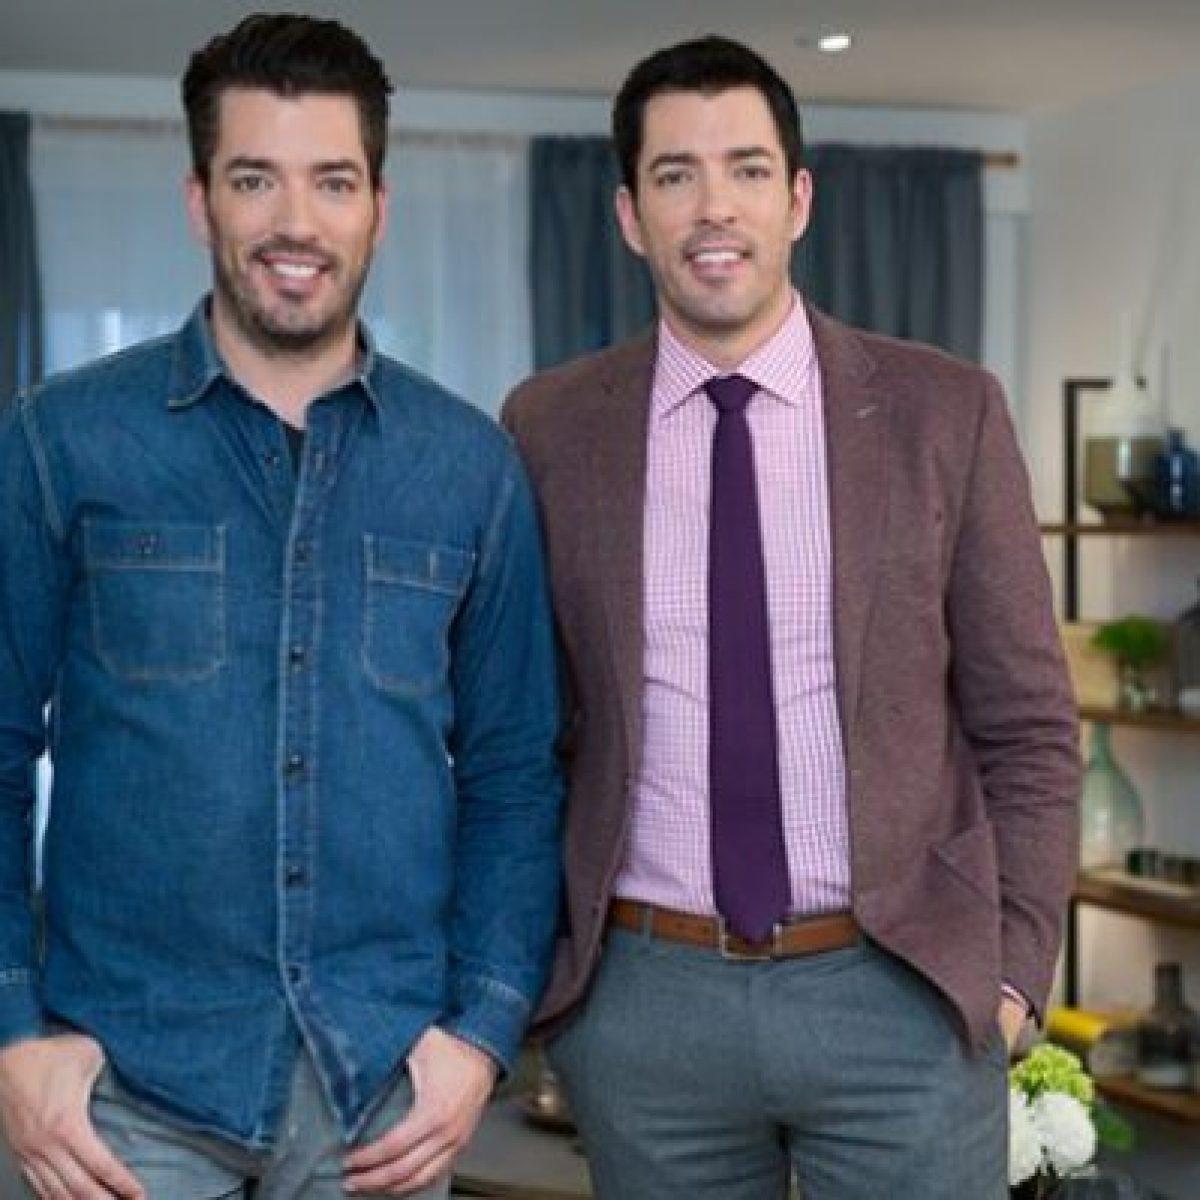 Programma Tv Ristrutturazione Casa i fratelli in affari tornano in tv con puntate inedite e un